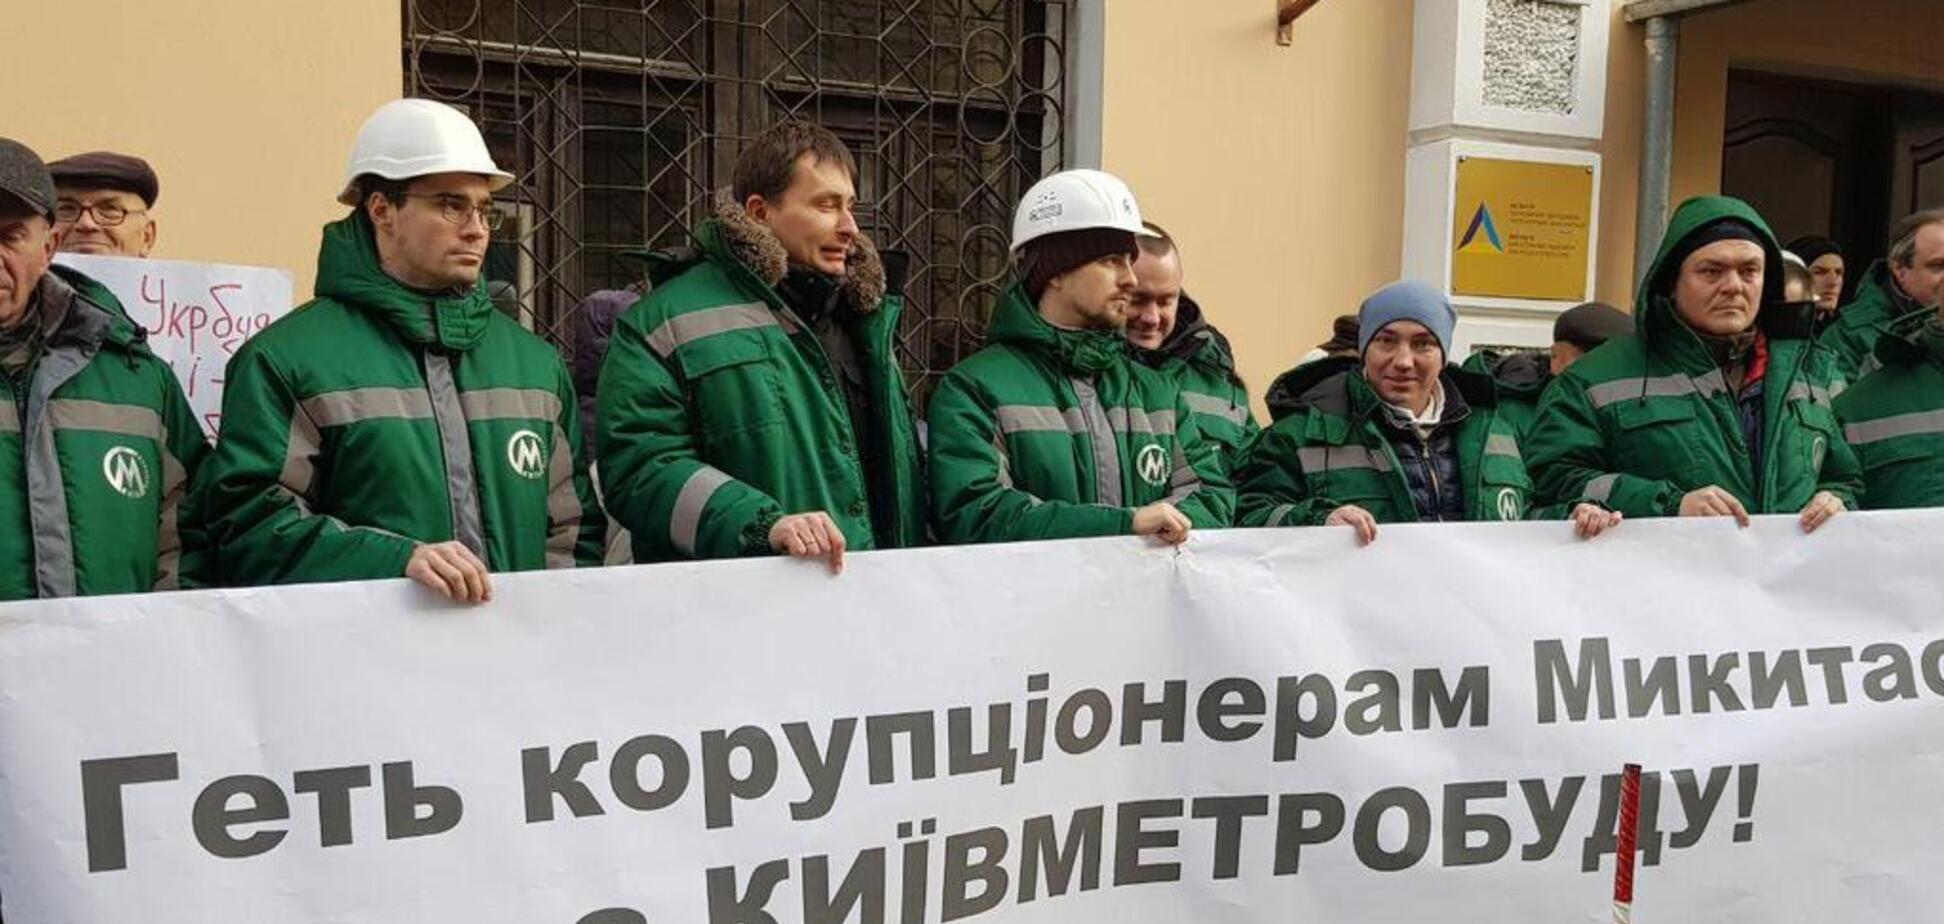 Рейдеров Микитася уличили во лжи и манипуляции: опубликовано видео